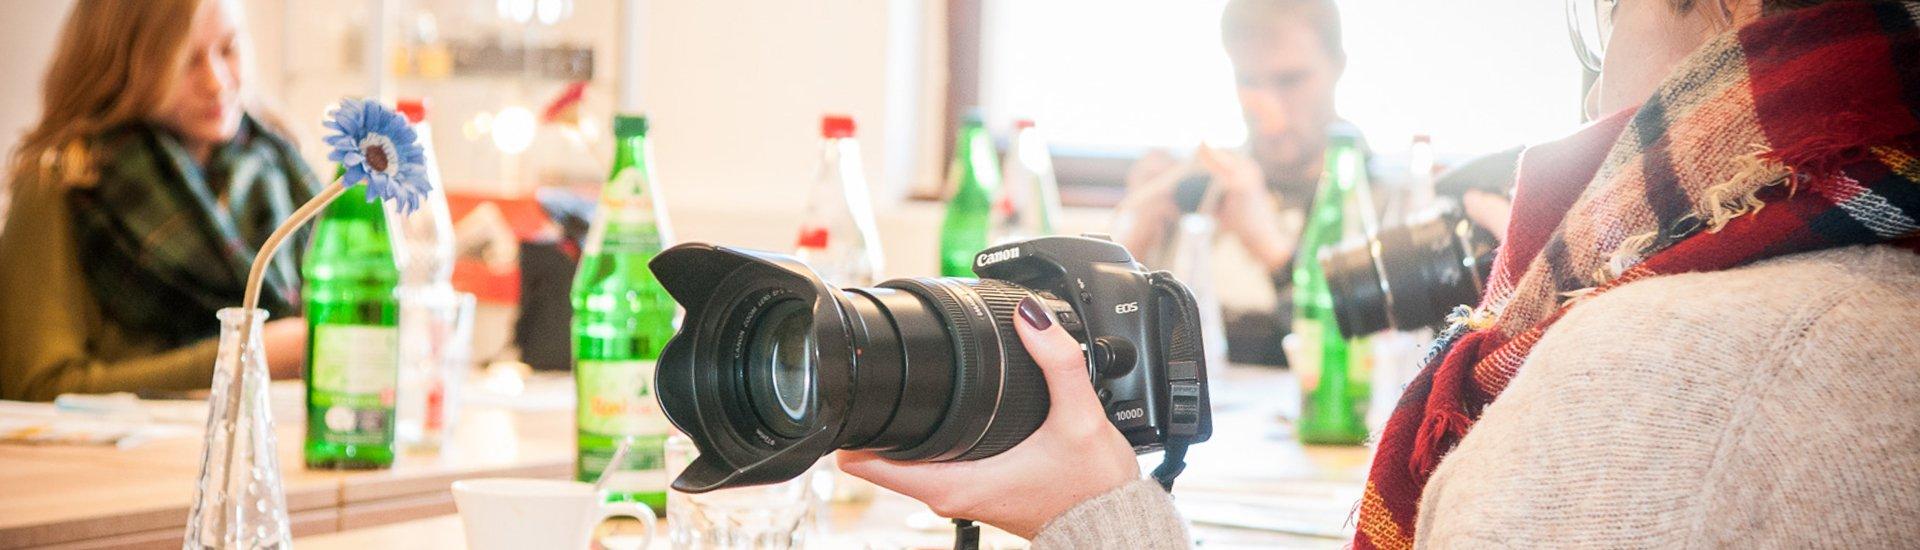 fotogena Akademie Erlebnisse werden zu Bildern